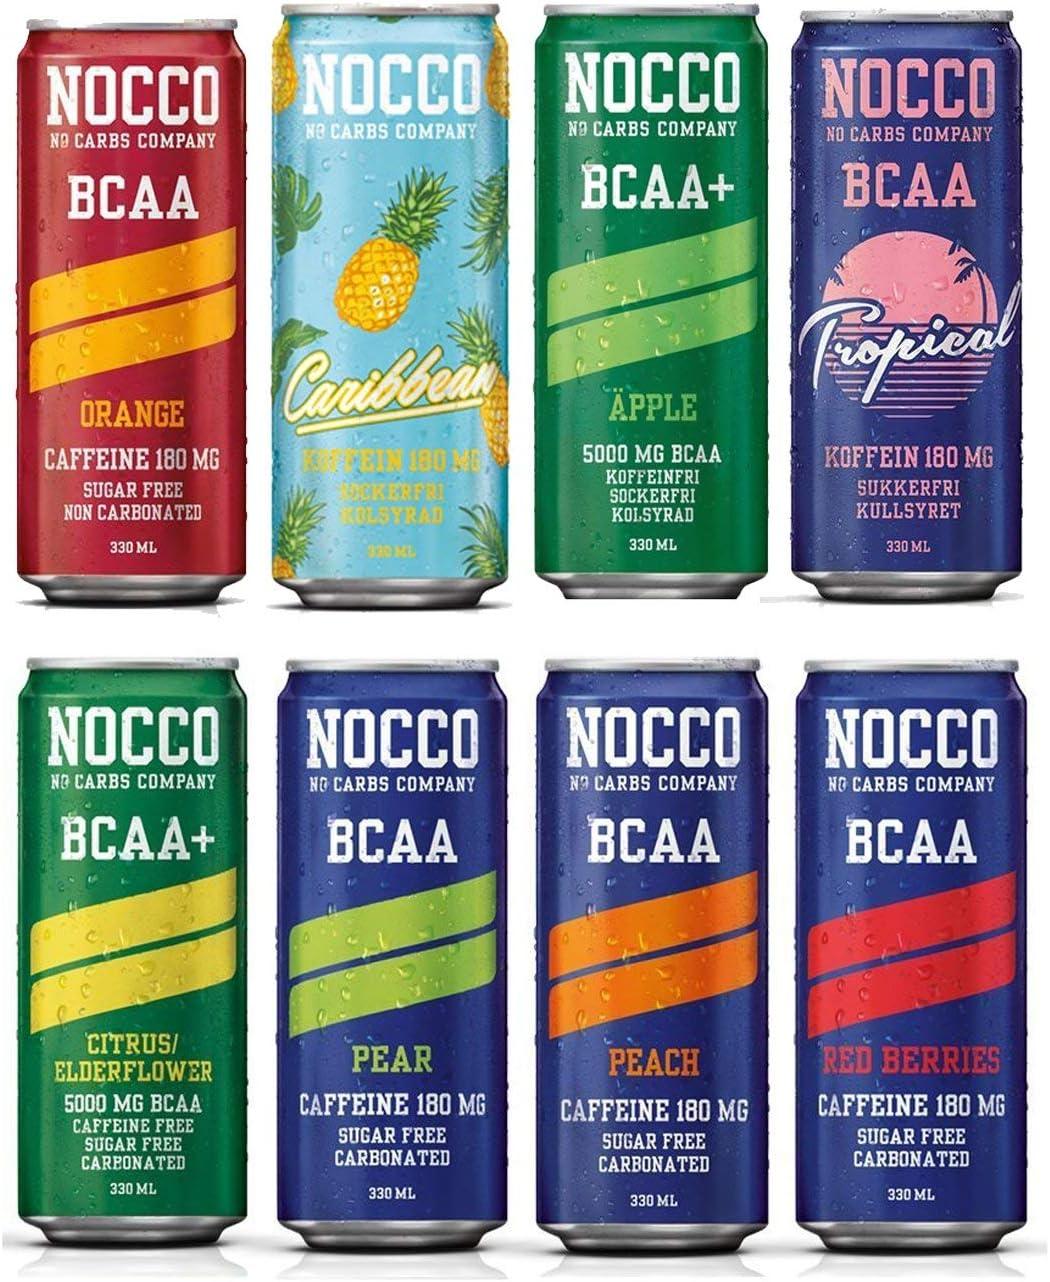 Estuche mixto NOCCO (No Carbs Company) (12 latas de 330 ml) todos los sabores